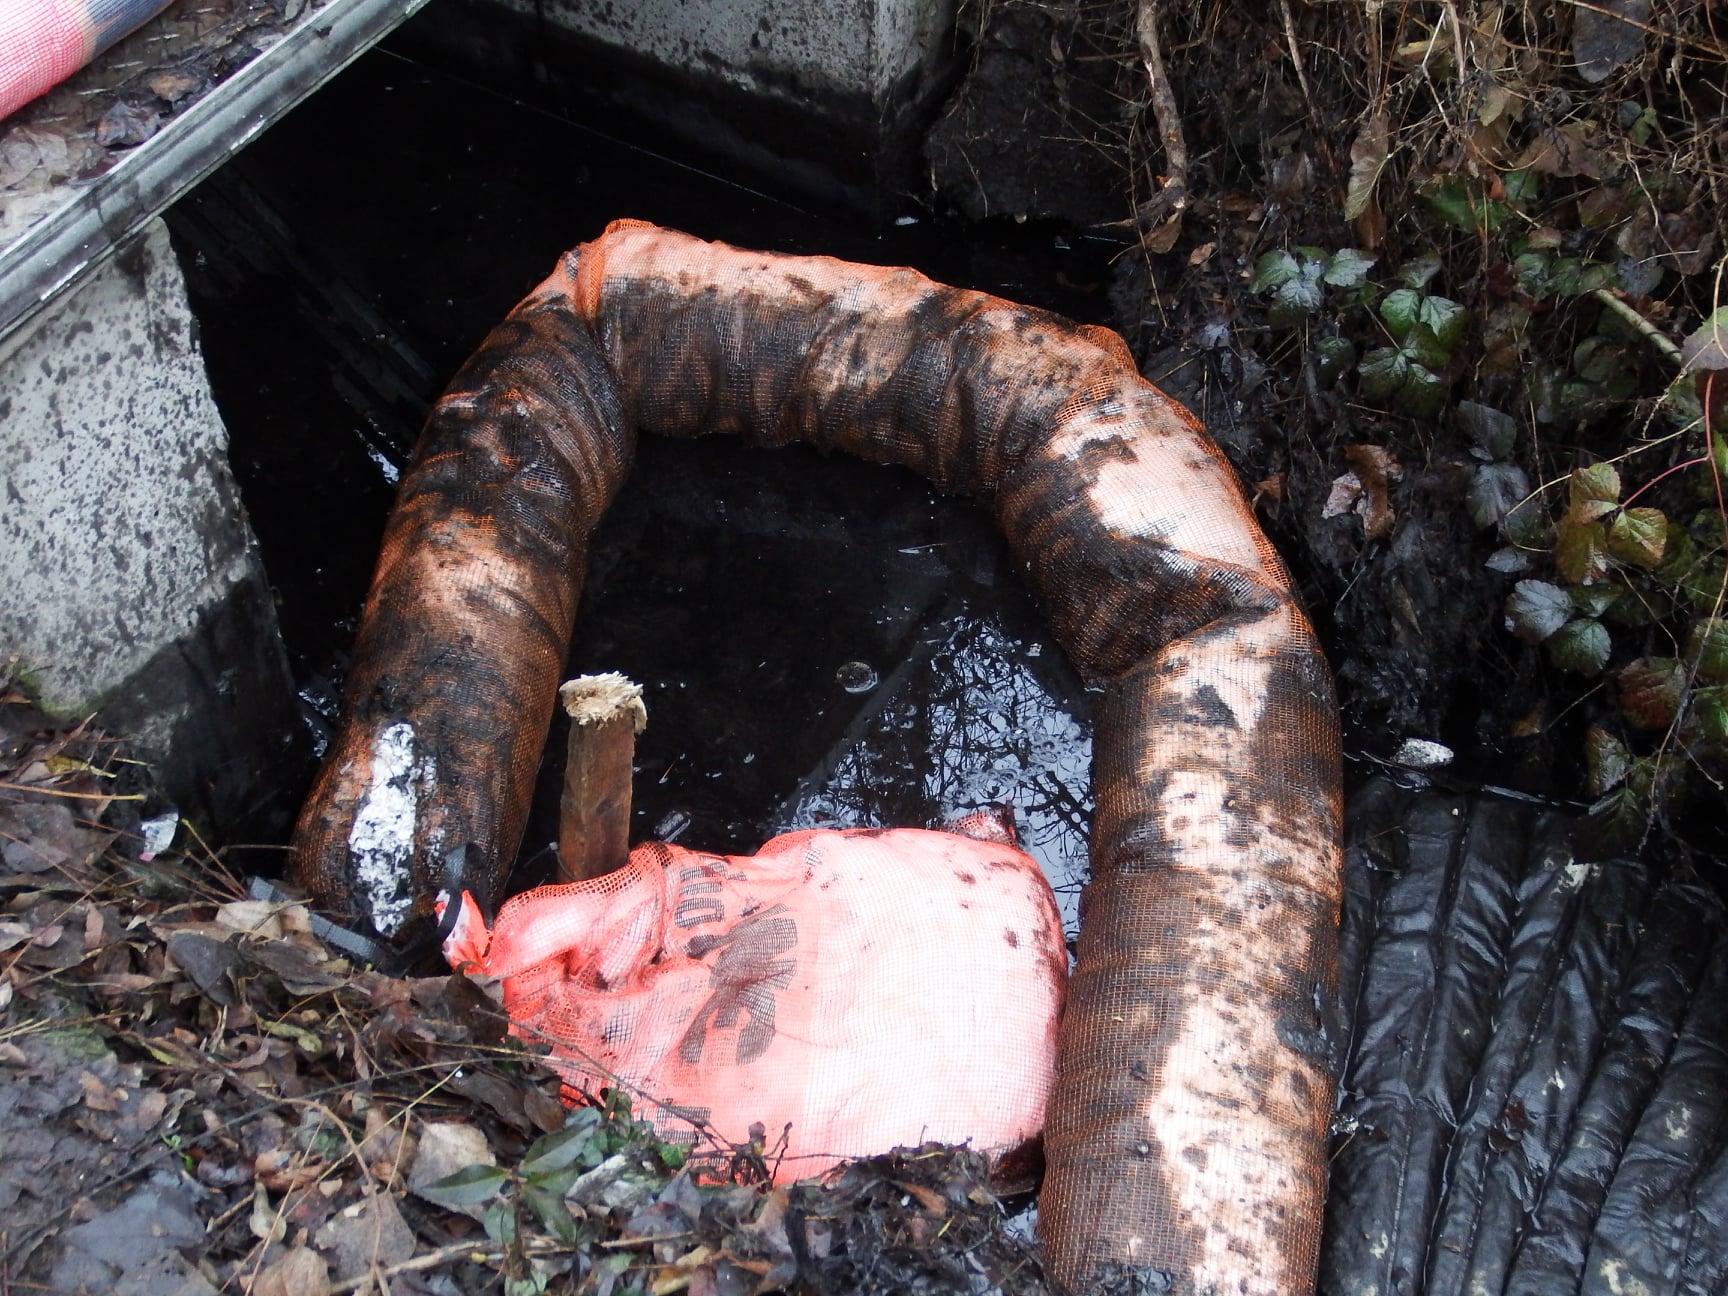 Évekig tarthat, amíg eltüntetik az olajszennyezés nyomait a Ráckevei-Soroksári Duna-ágon